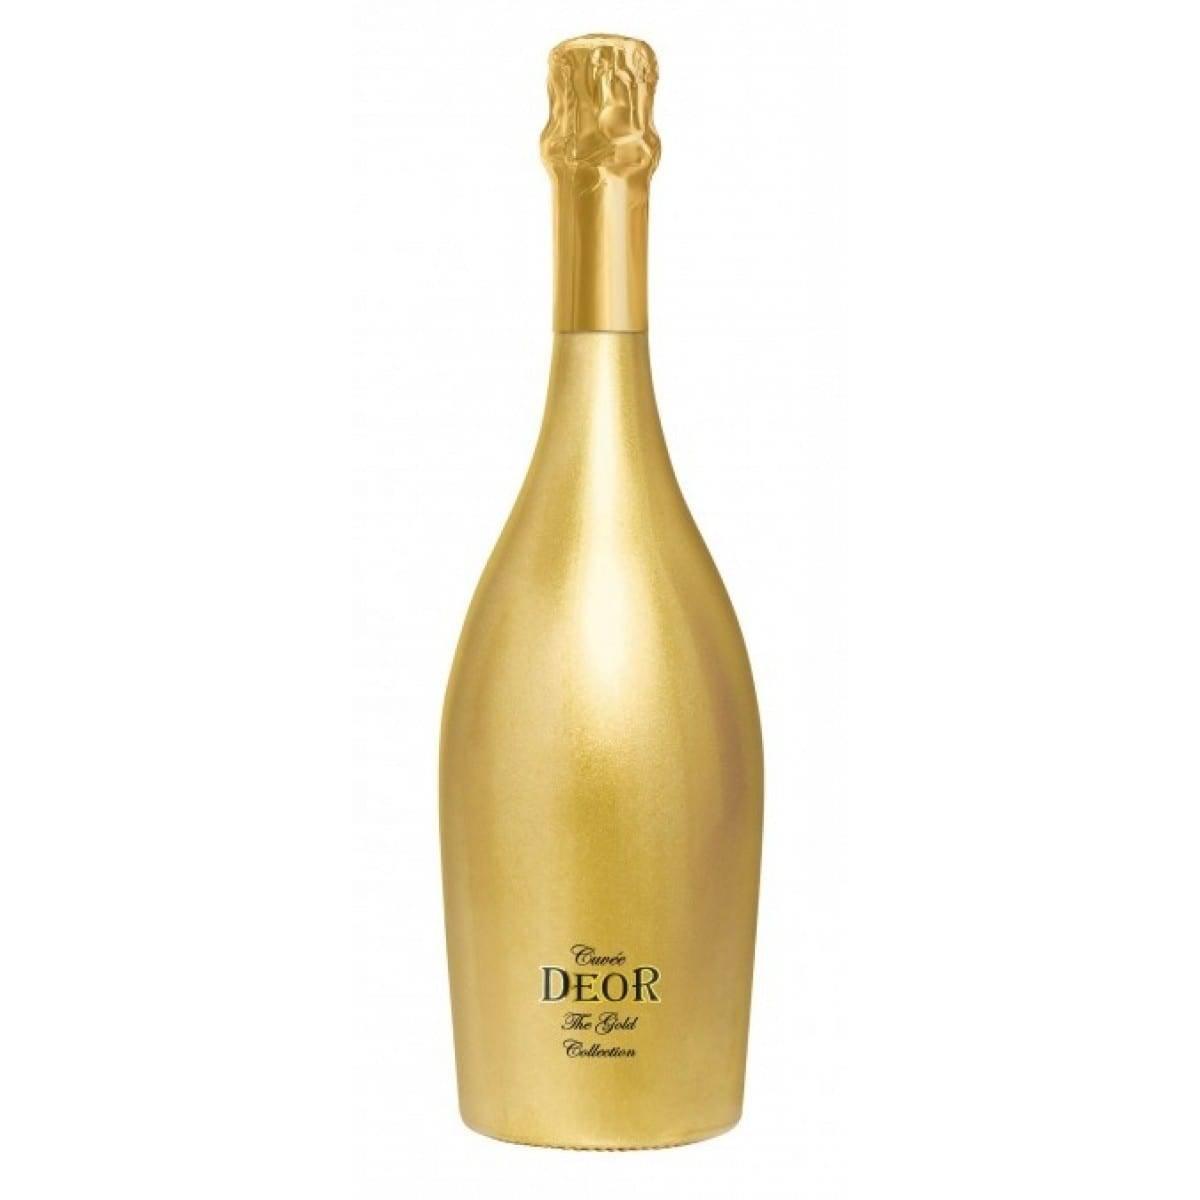 11 самых дорогих бутылок шампанского в мире - список с ценой